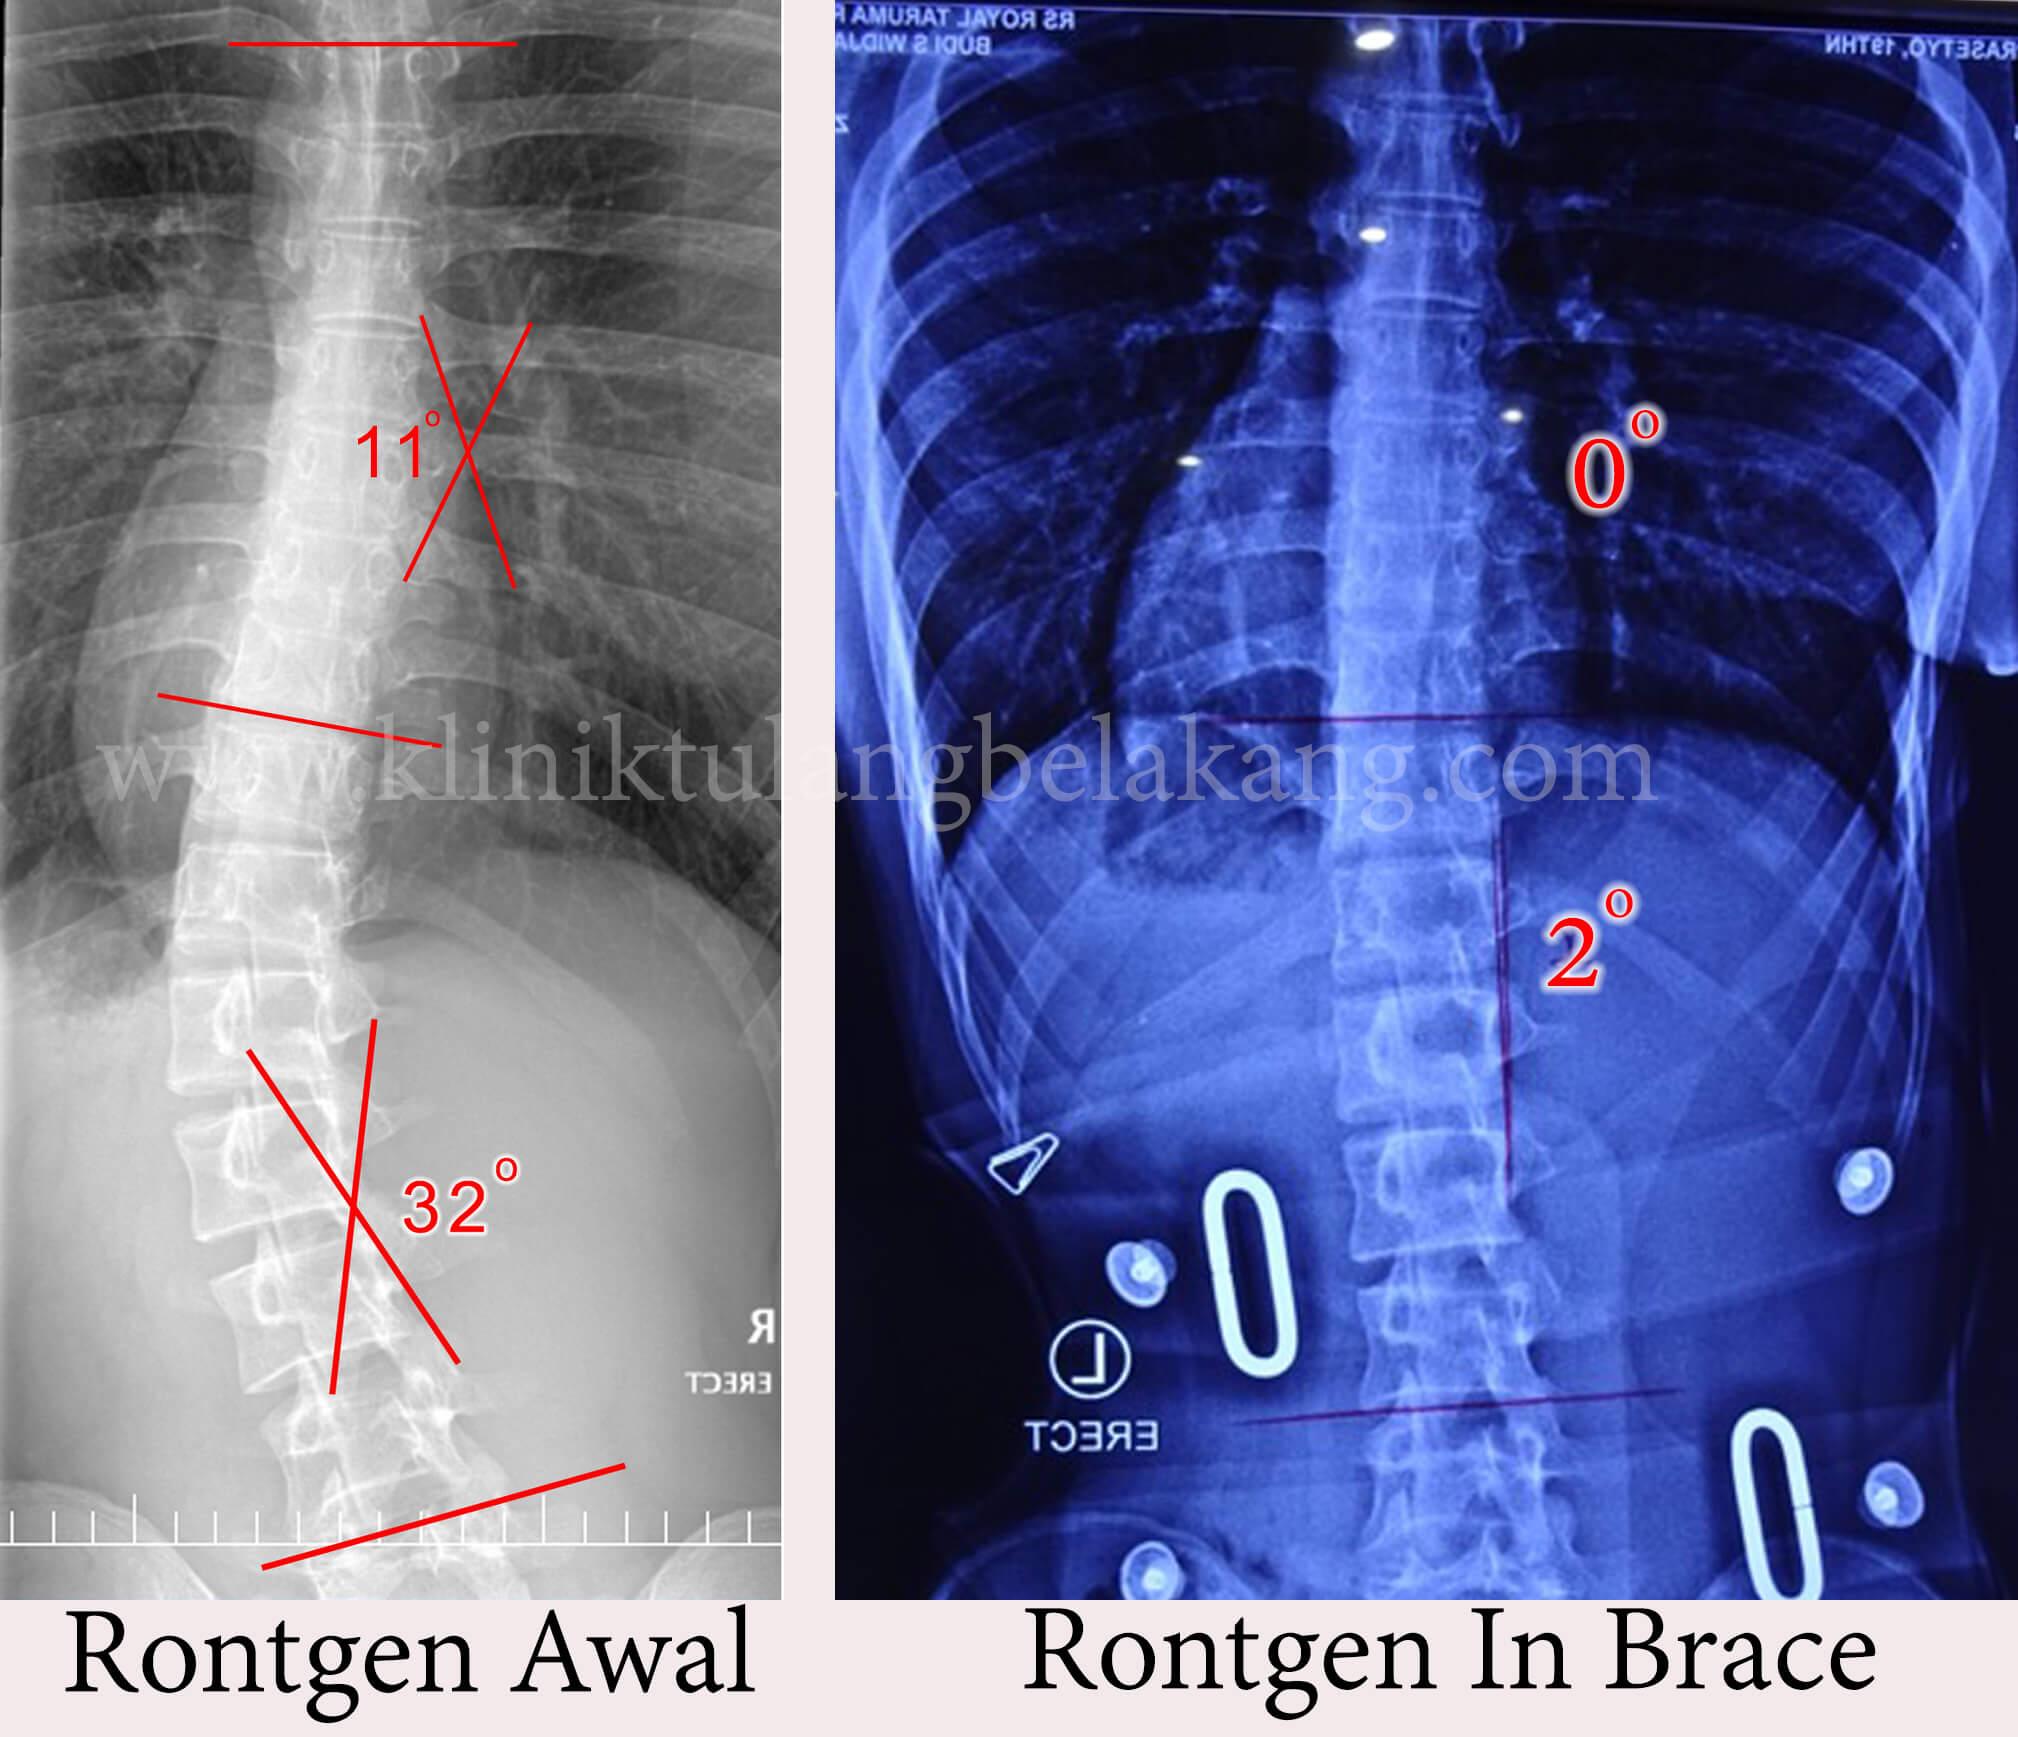 Brace GBW untuk rehabilitasi Scoliosis